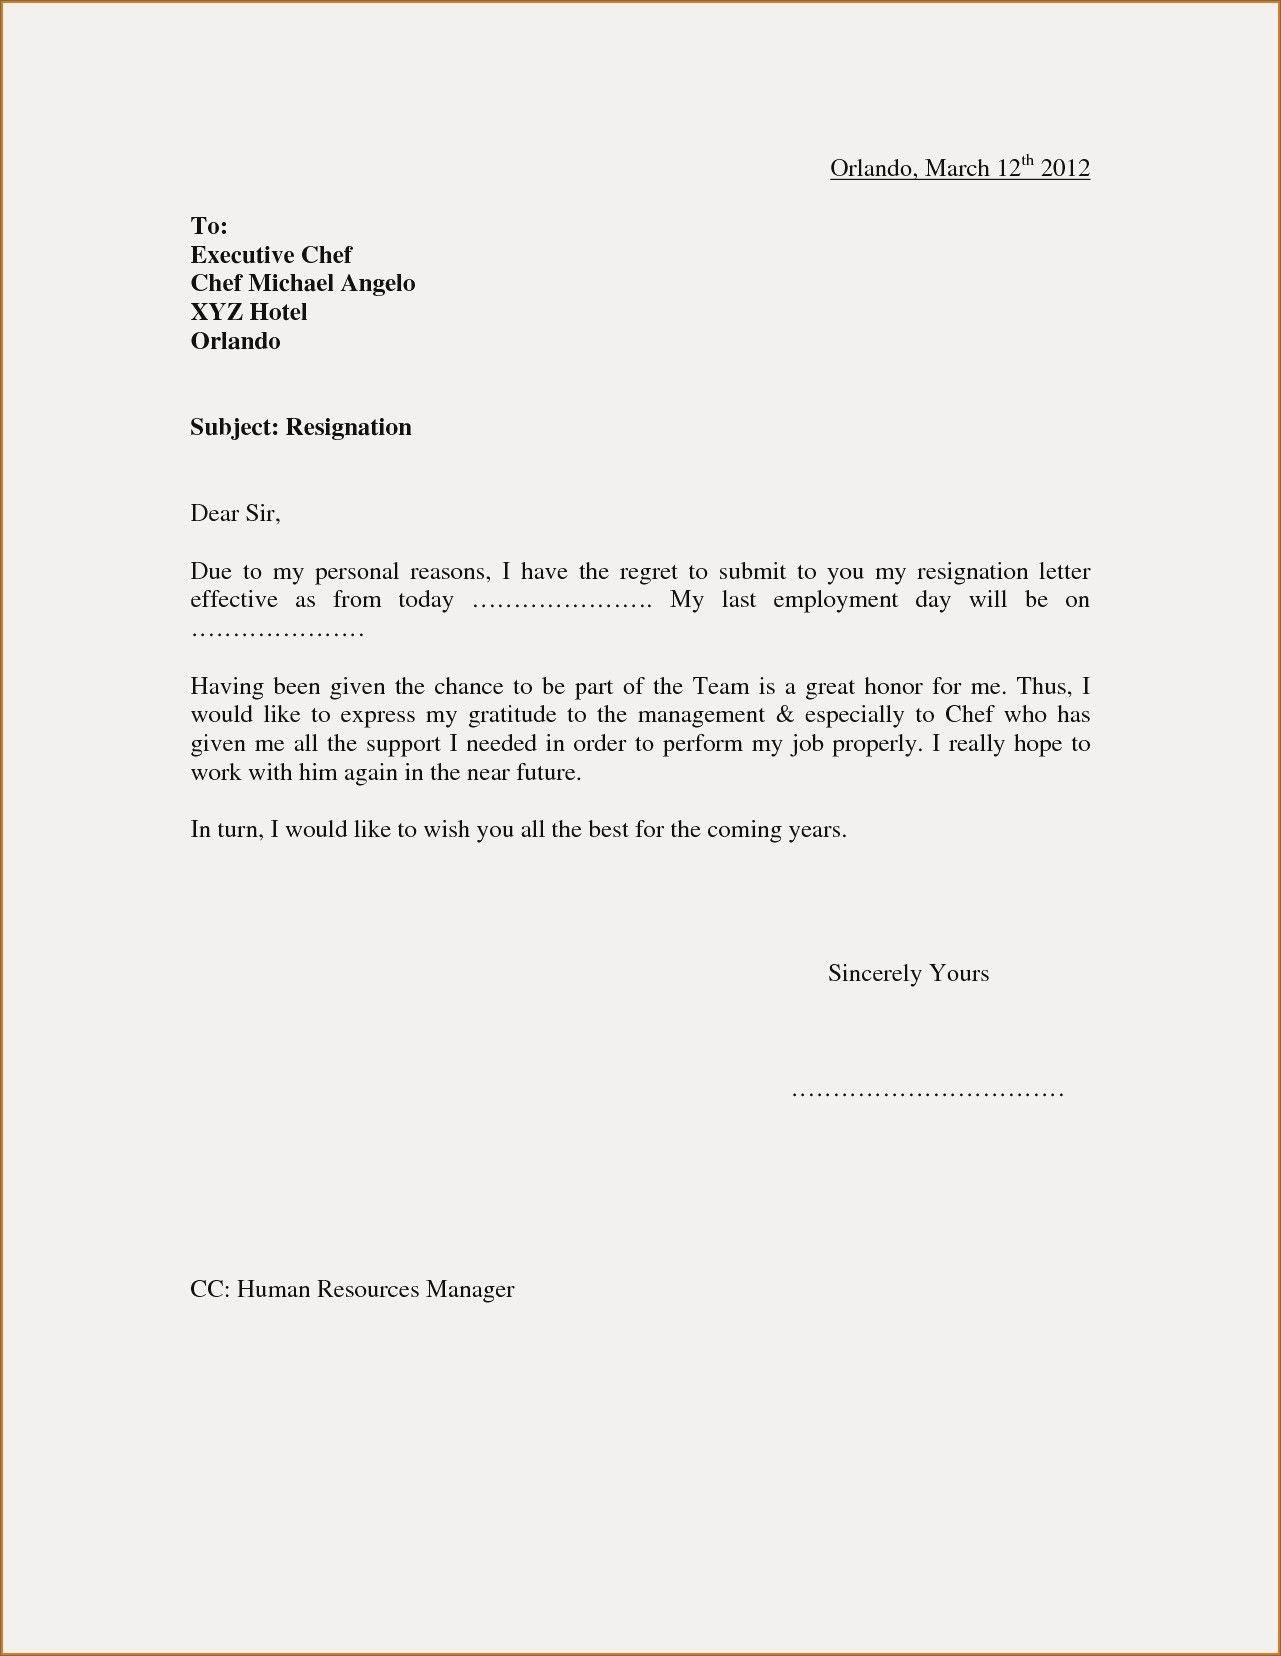 Best Of Job Resign Letter Formal Resignation Letter Sample Resignation Letter Sample Job Resignation Letter